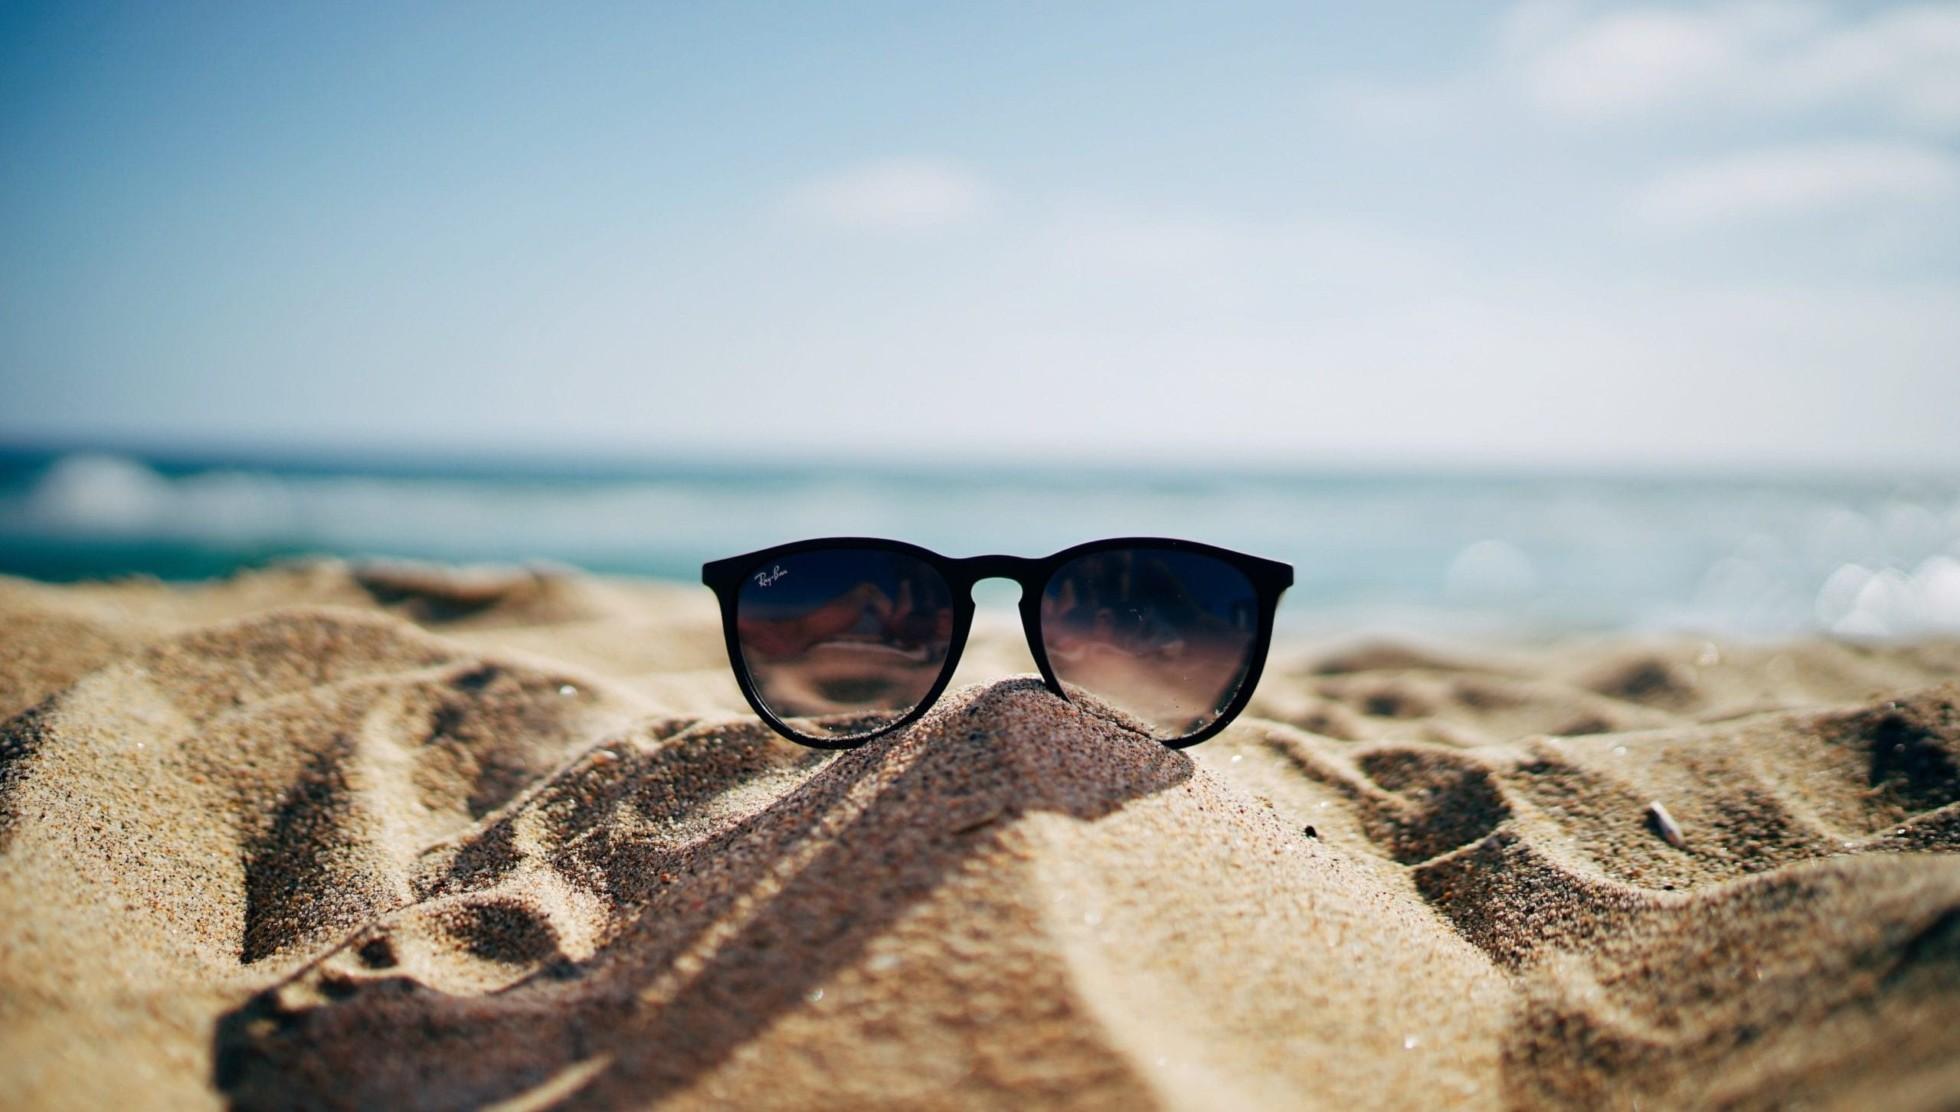 Vajon mik lehetnek a legfrissebb nyári újdonságaink? Derítsük ki együtt!